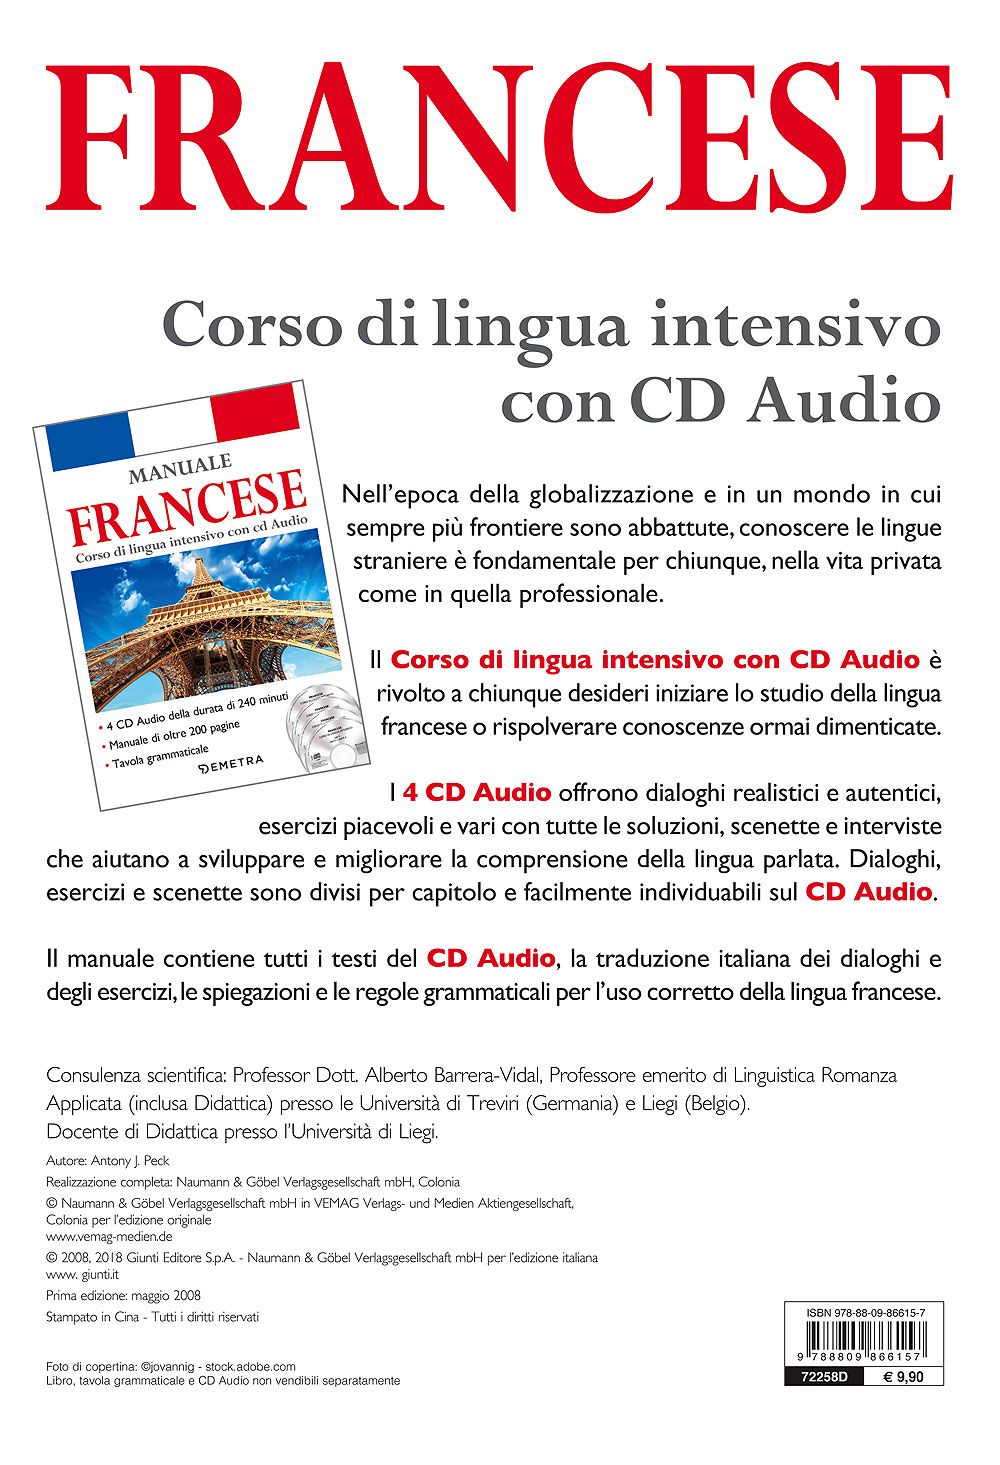 Corso di lingua Francese intensivo con CD Audio